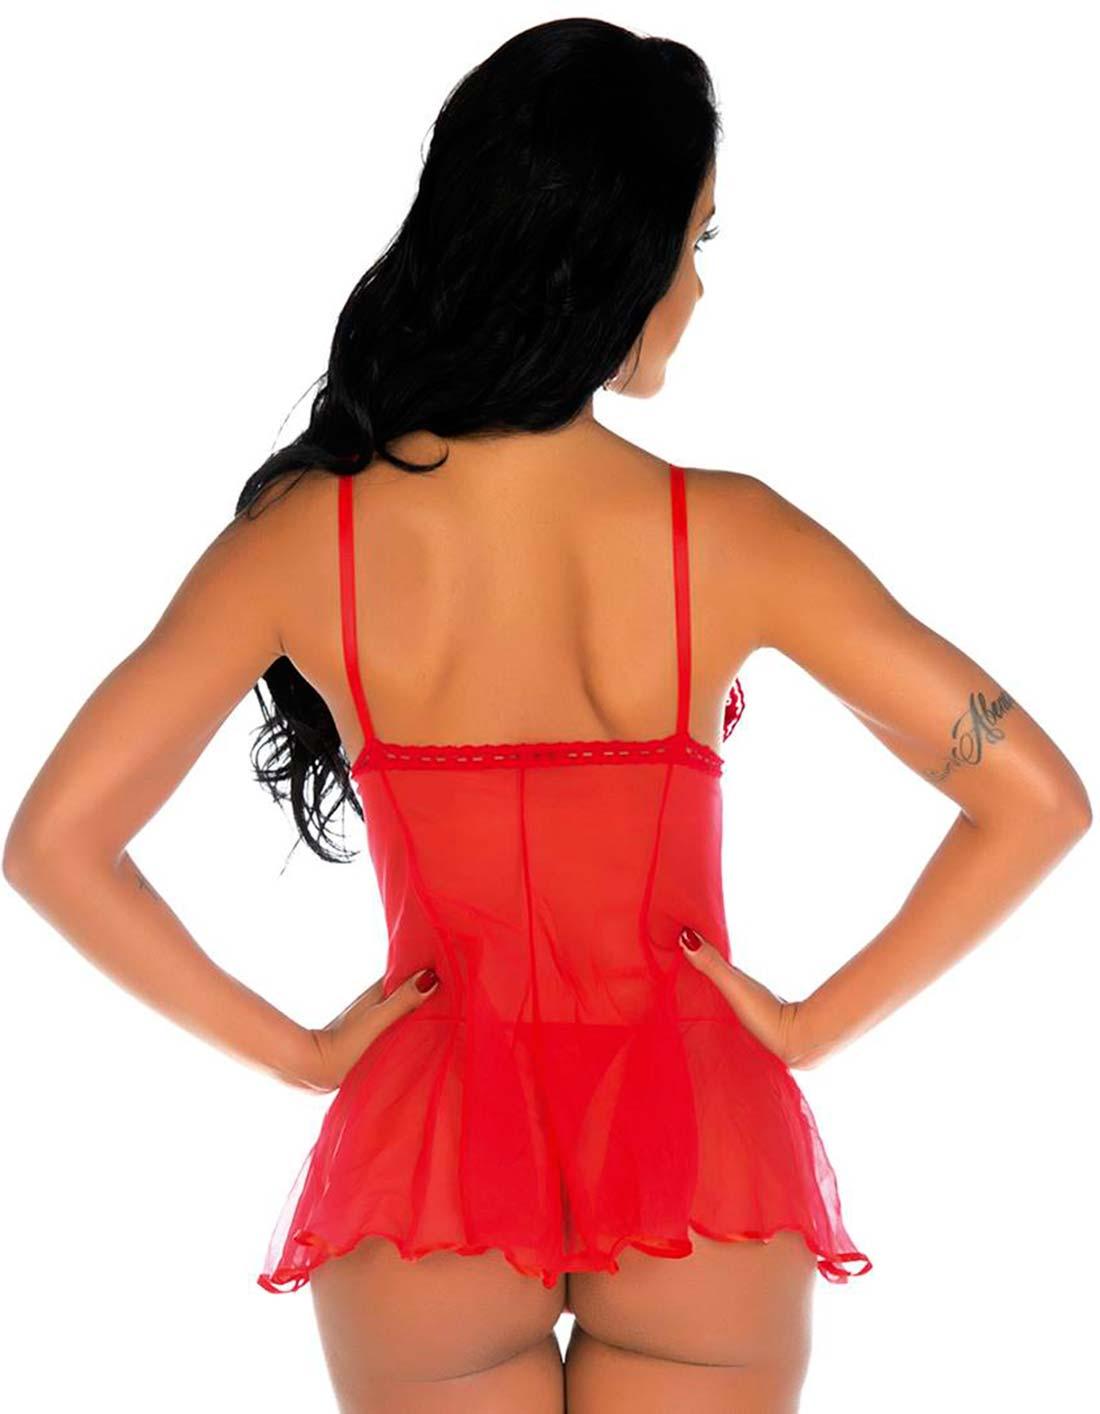 Camisola de Renda Lady + Calcinha Vermelha Tropikanas